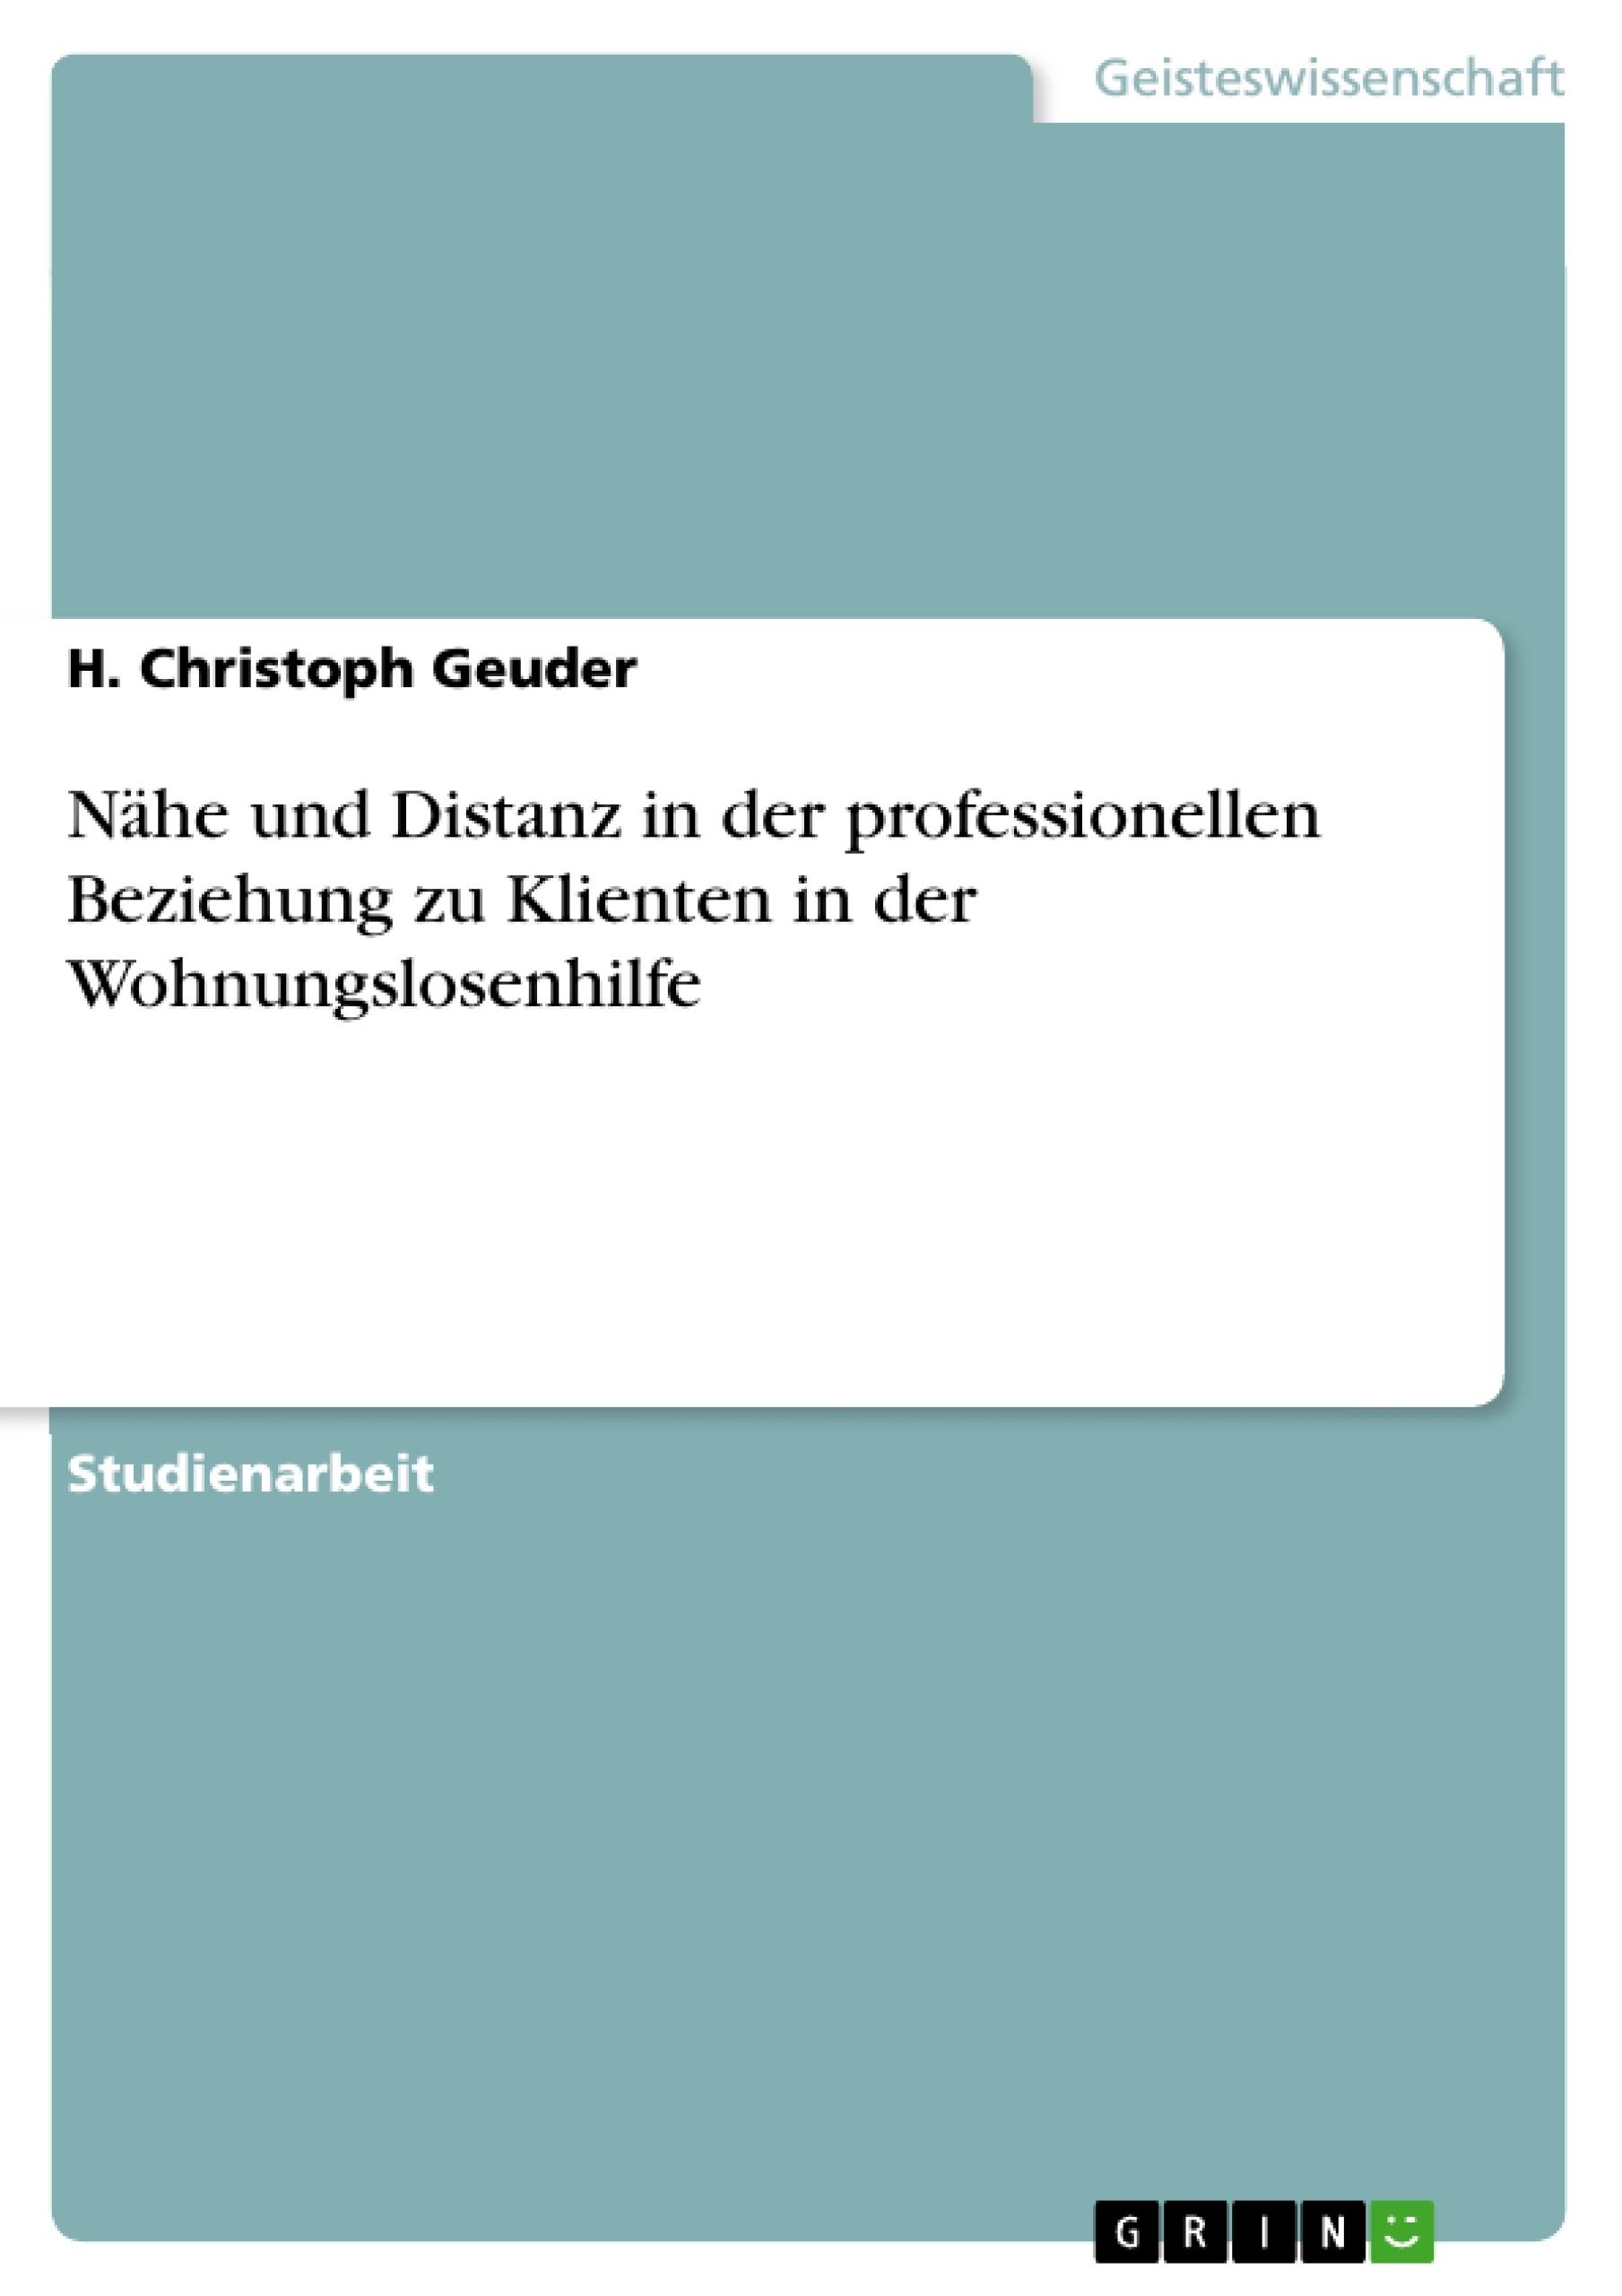 Titel: Nähe und Distanz in der professionellen Beziehung zu Klienten in der Wohnungslosenhilfe